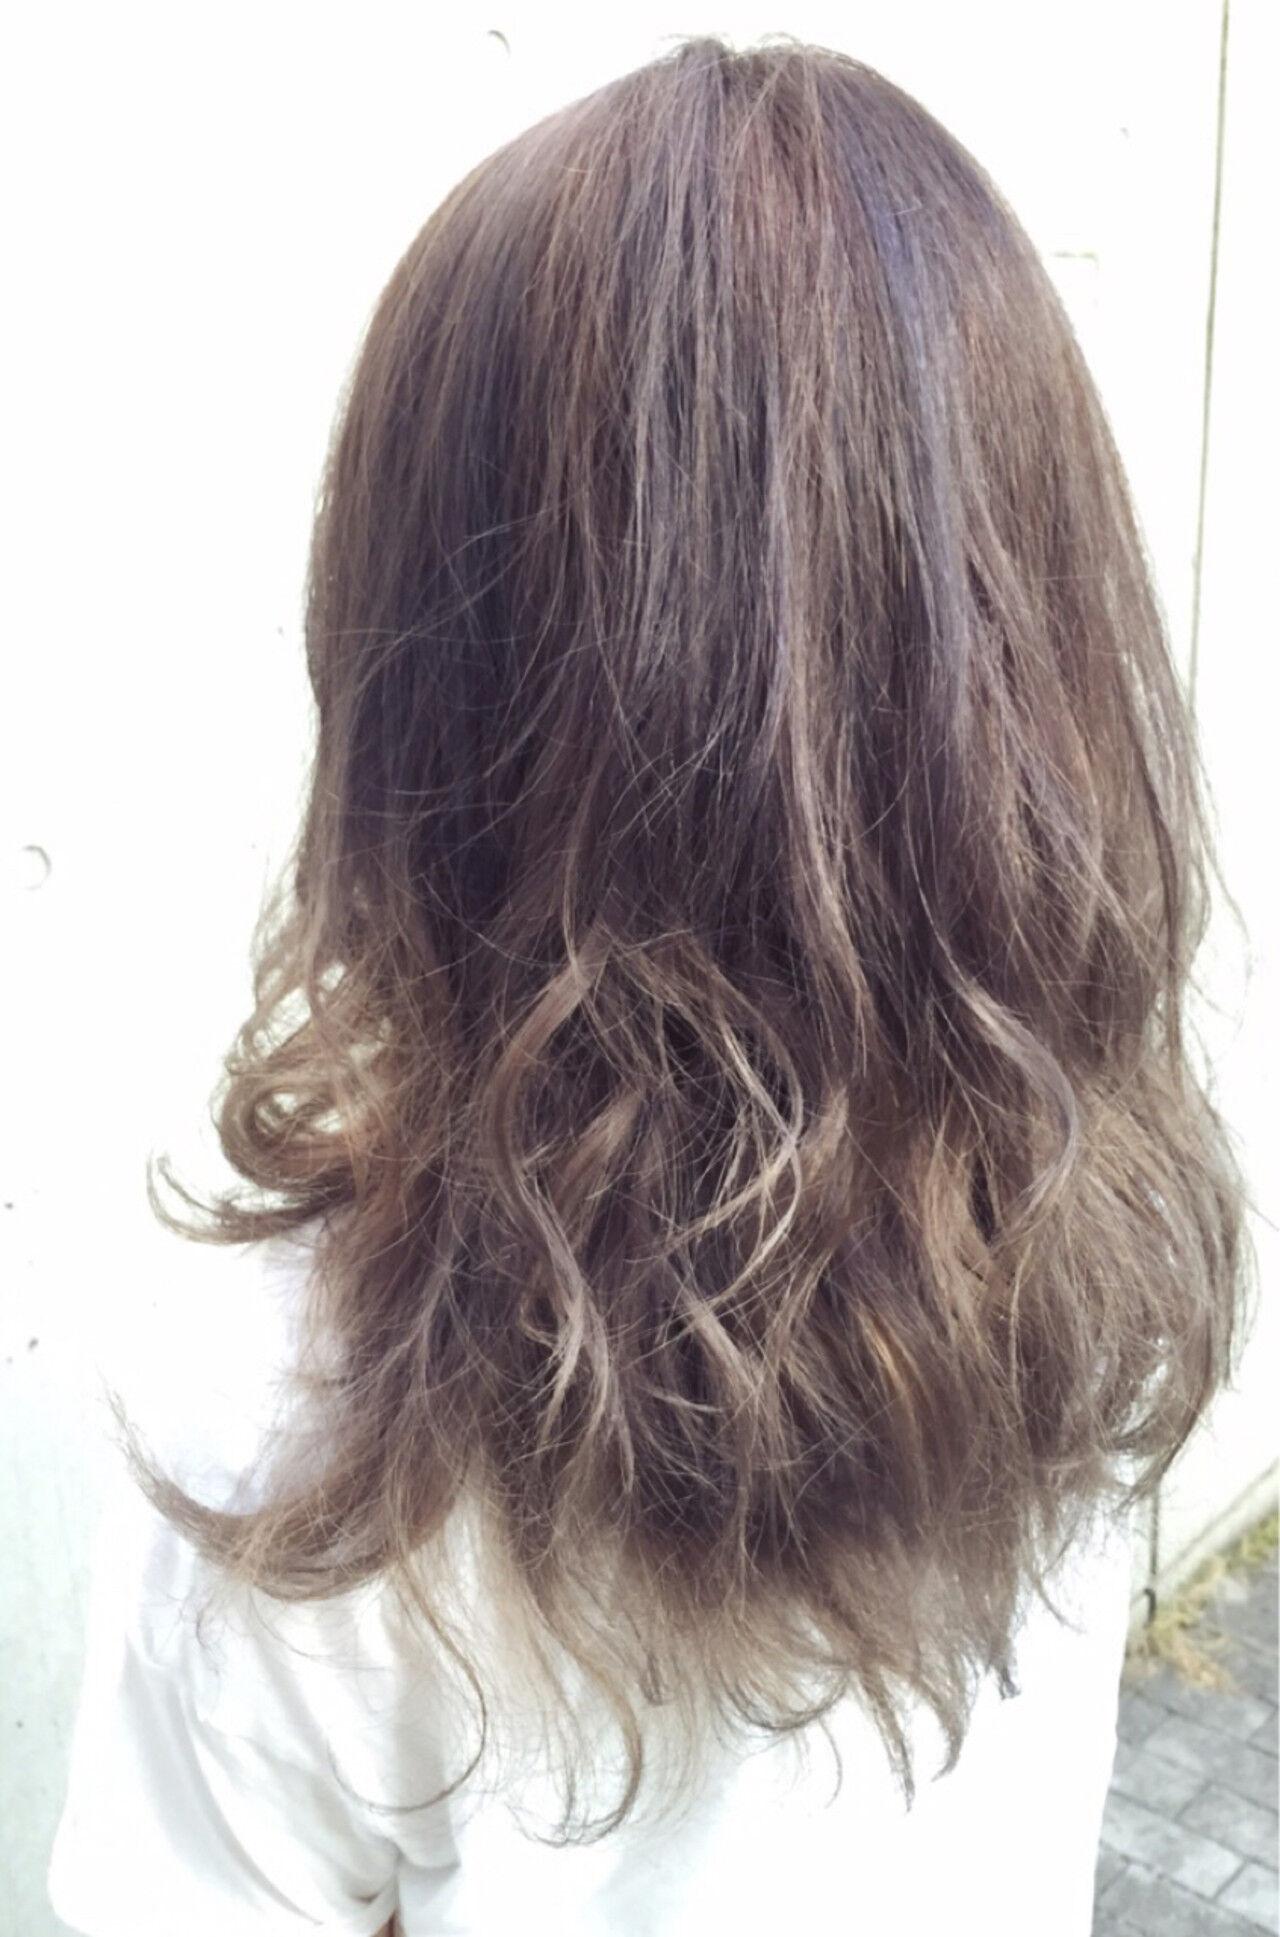 グラデーションカラー グレージュ ロング ダブルカラーヘアスタイルや髪型の写真・画像